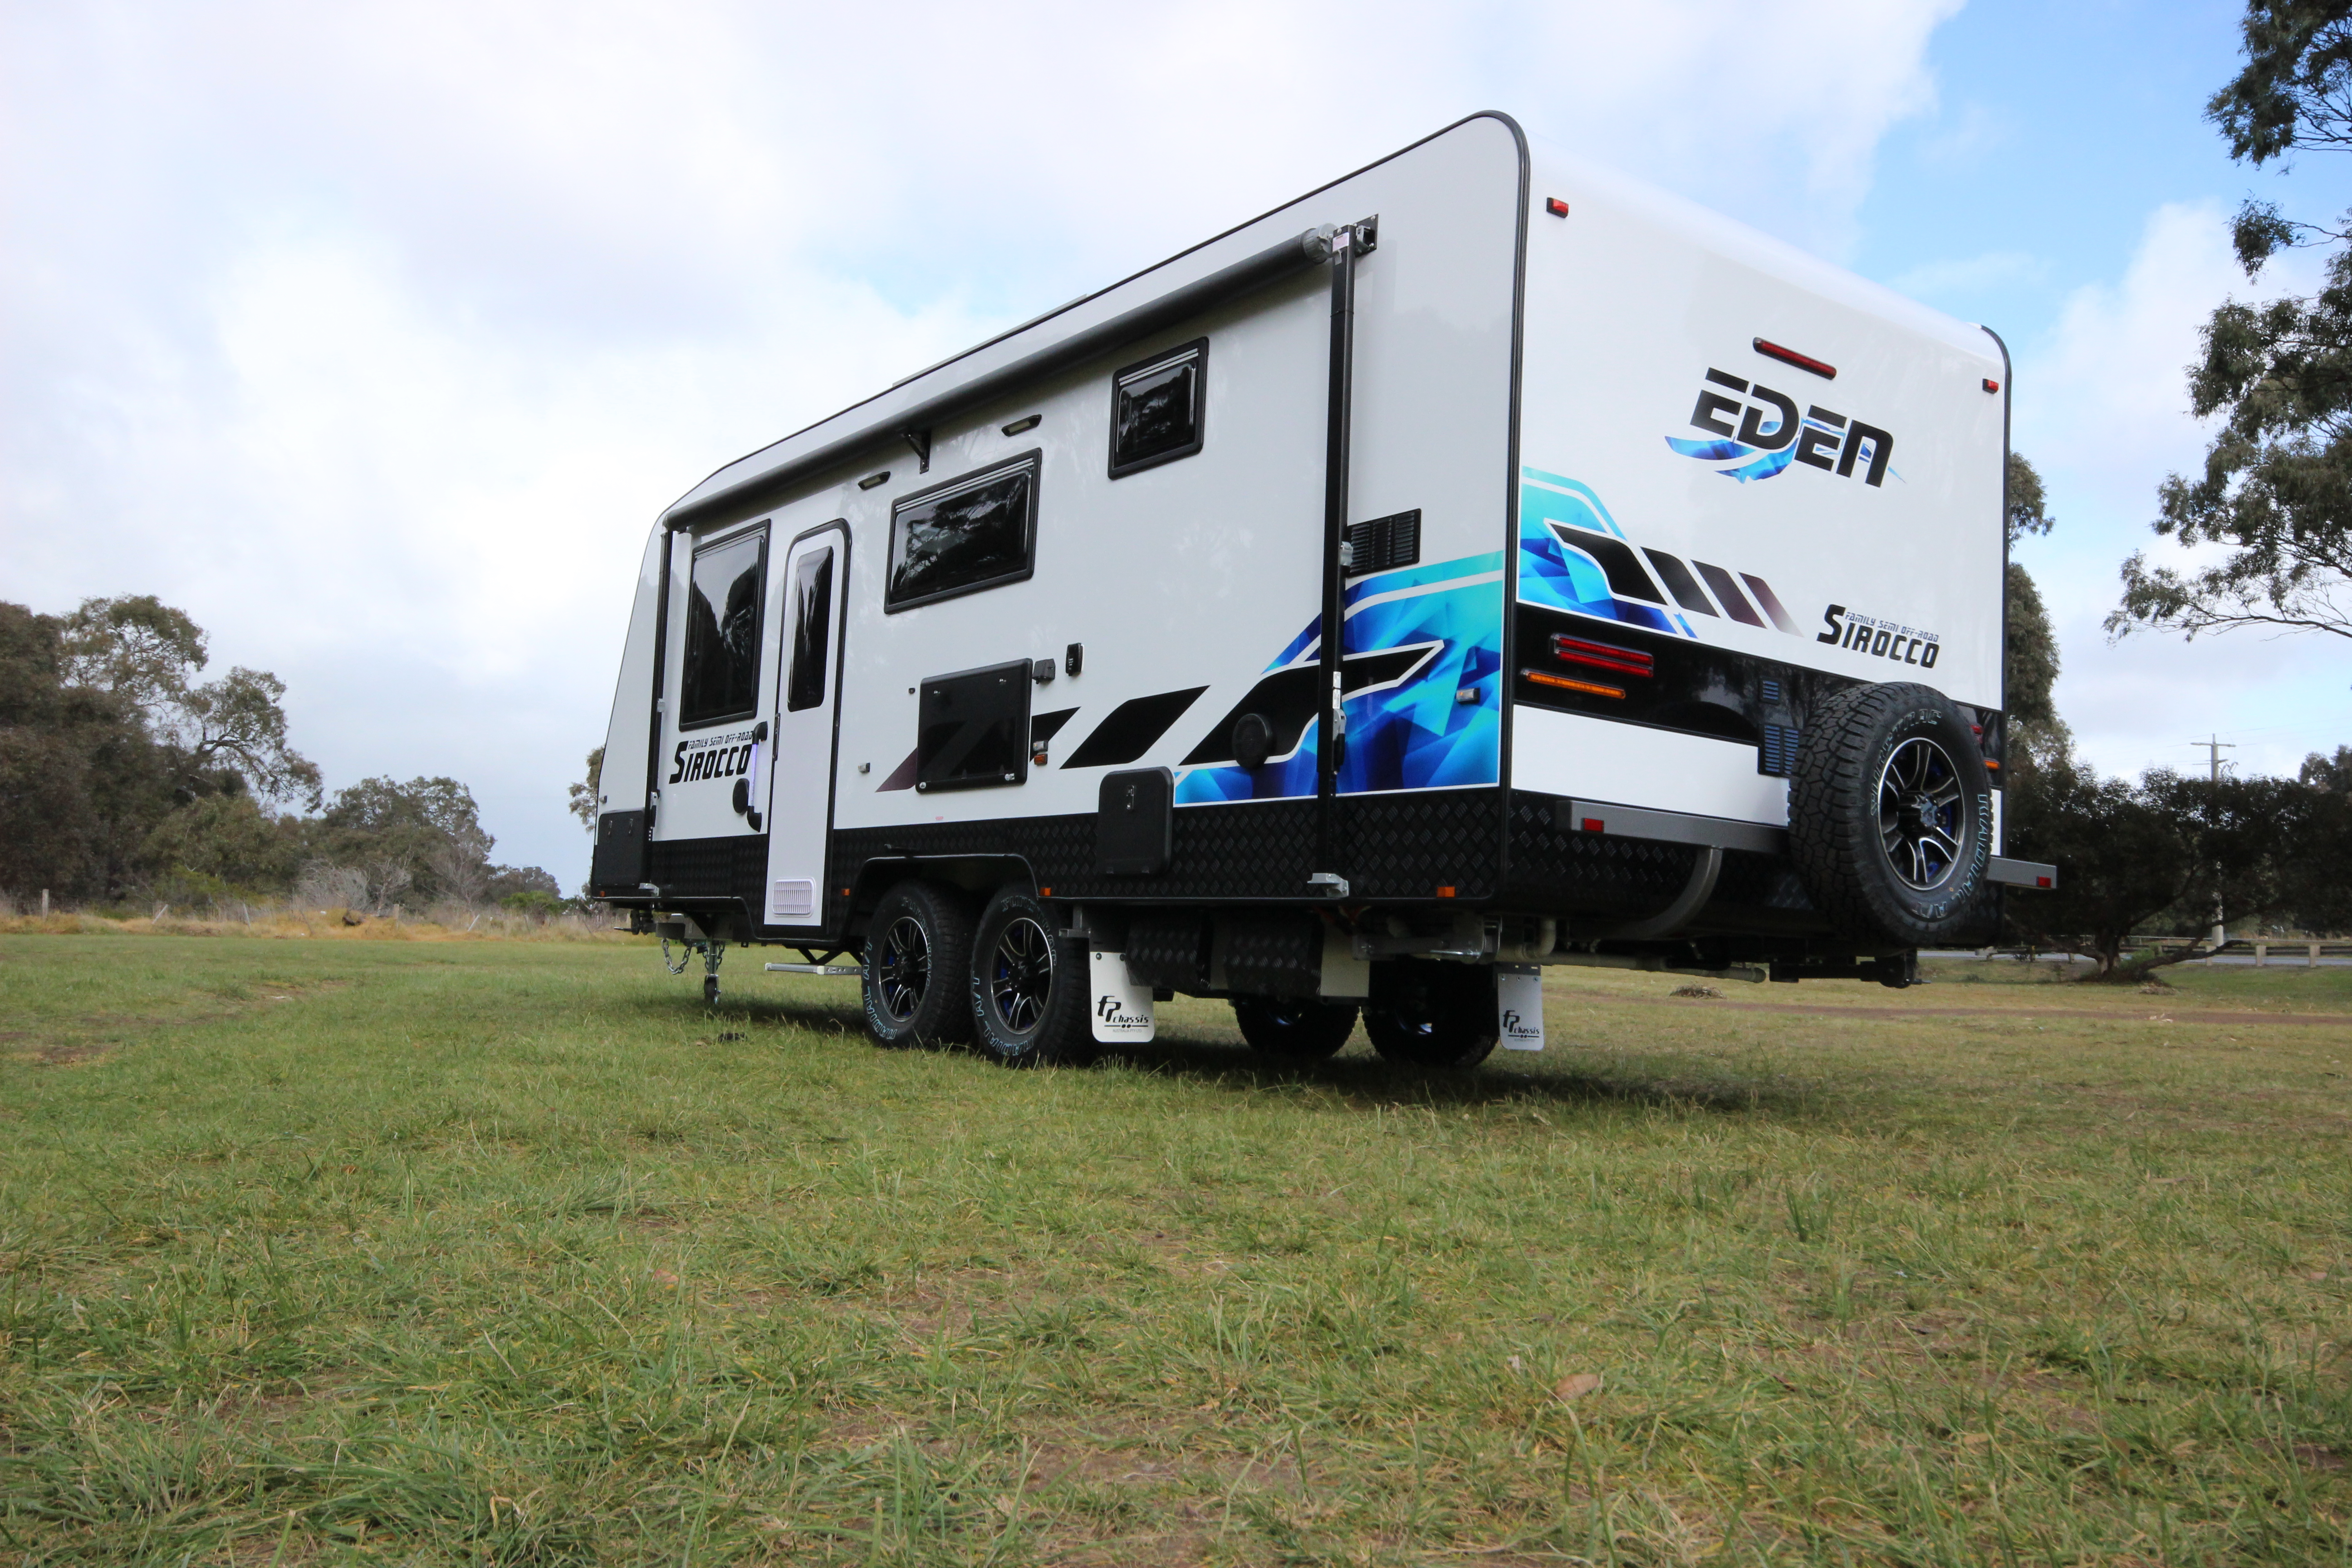 SIROCCO - FAMILY Eden Caravans